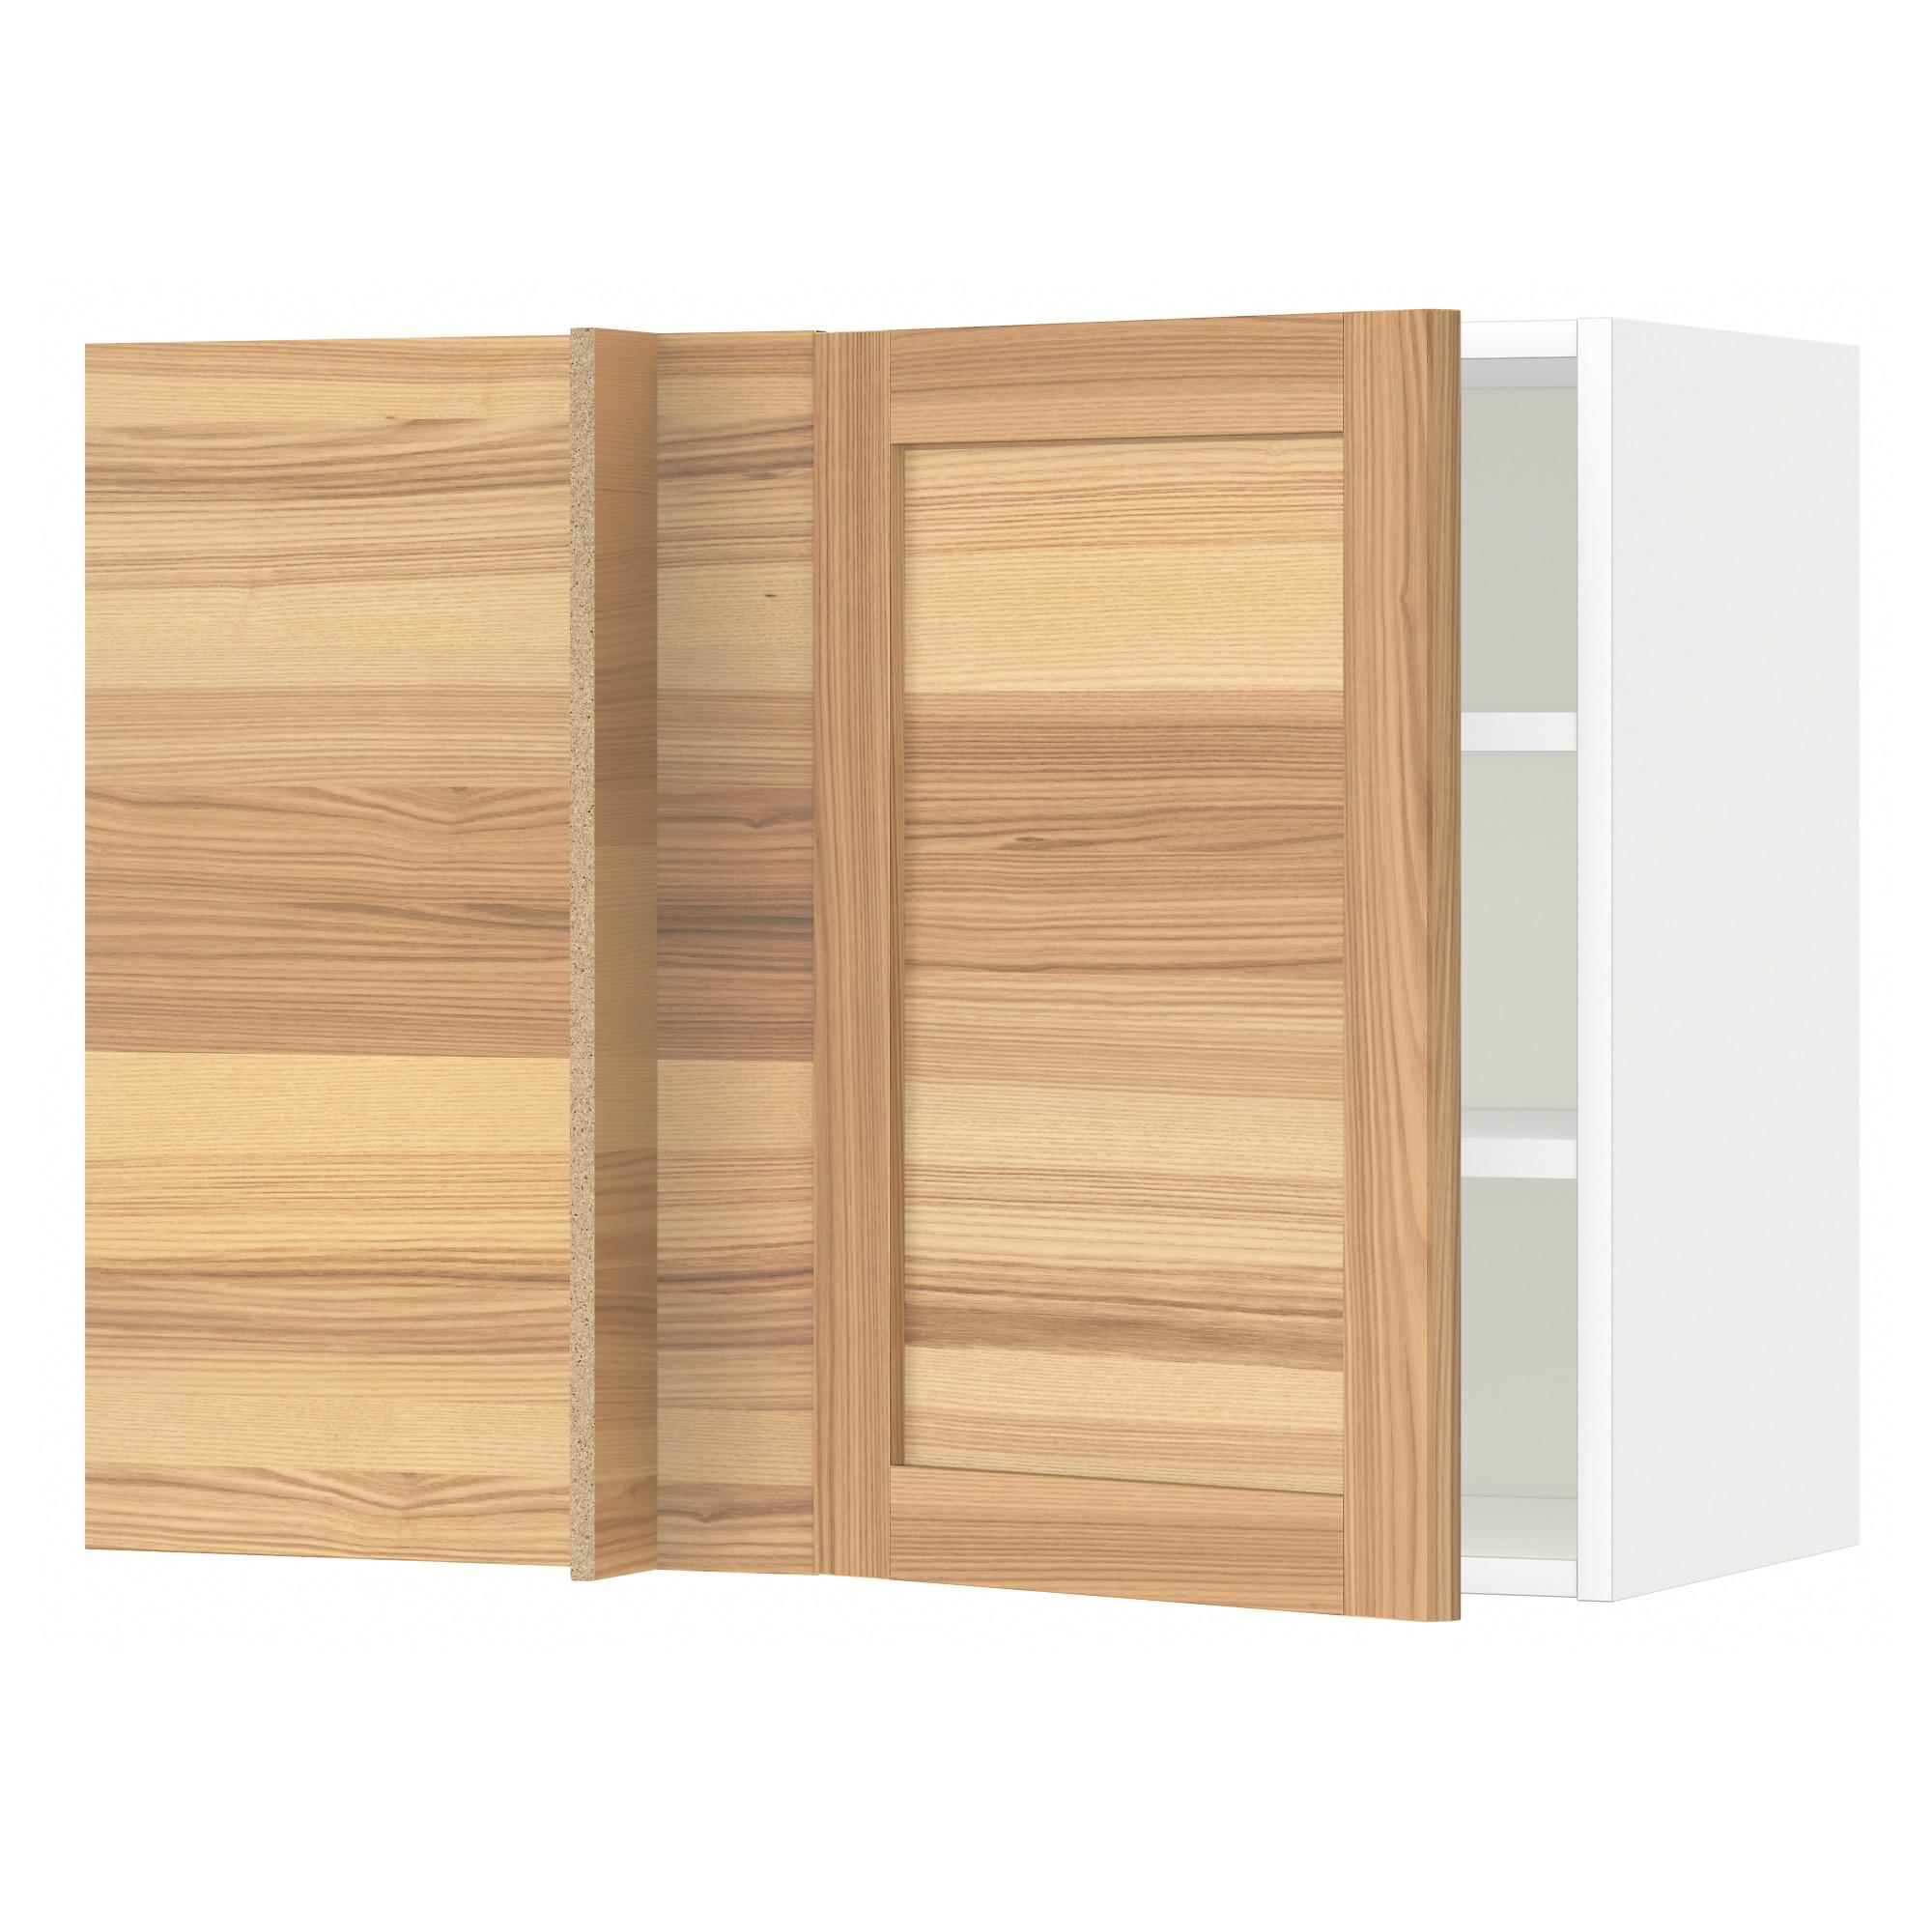 Угловой навесной шкаф с полками МЕТОД белый артикуль № 092.260.47 в наличии. Онлайн магазин IKEA РБ. Недорогая доставка и соборка.